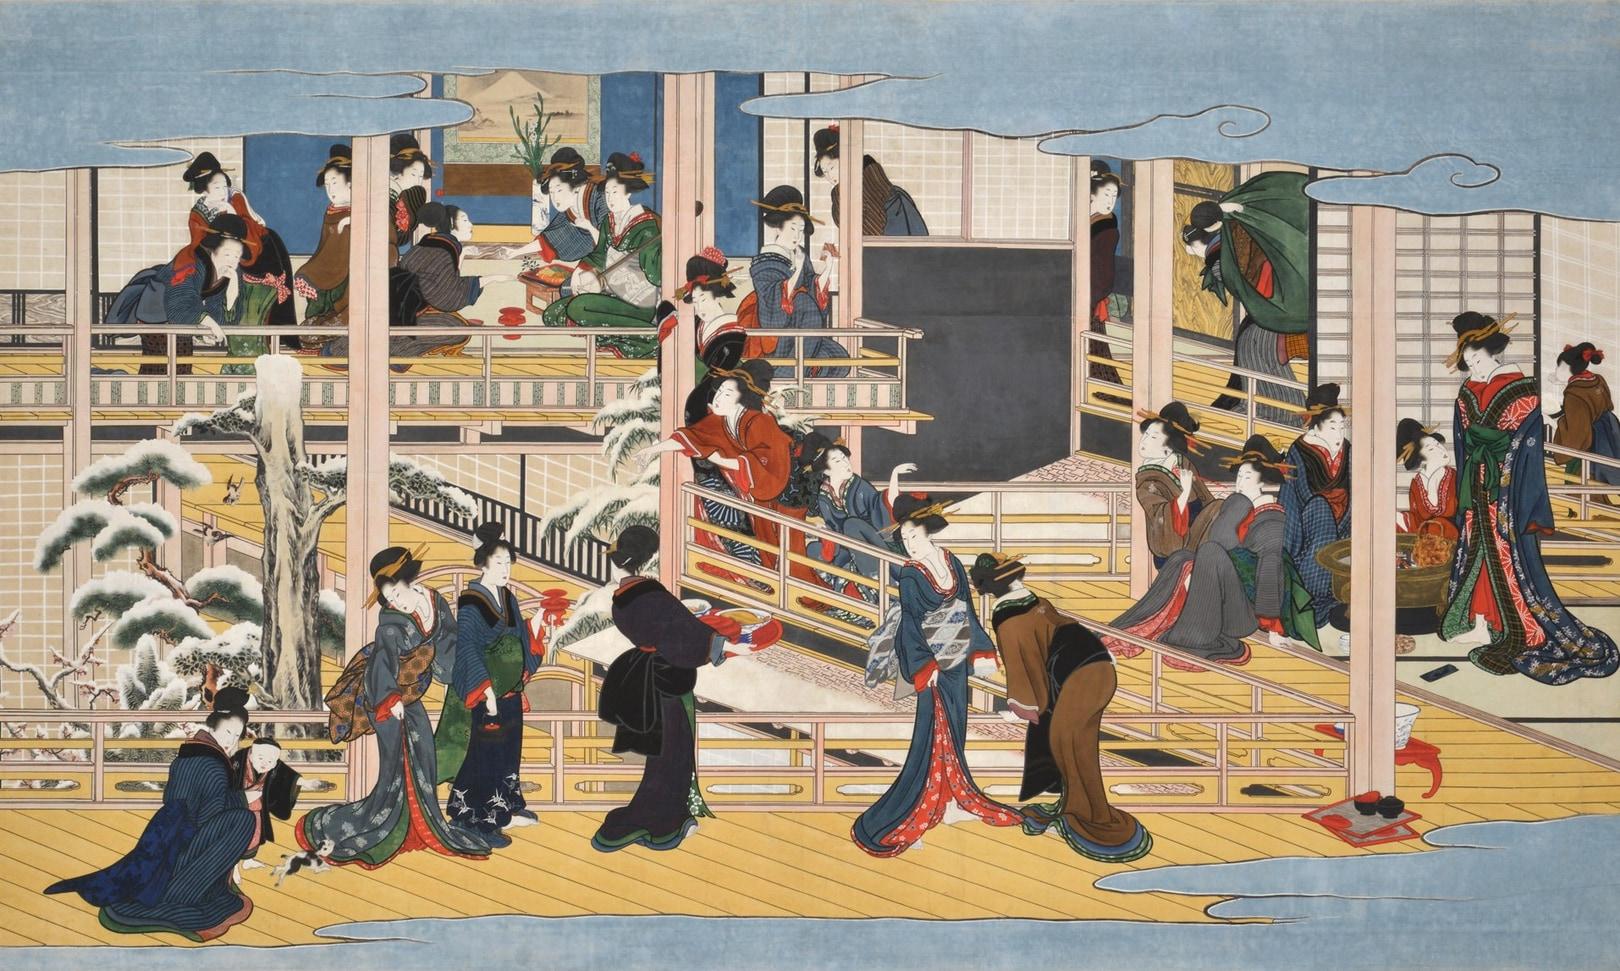 art exhibitions tokyo 2019